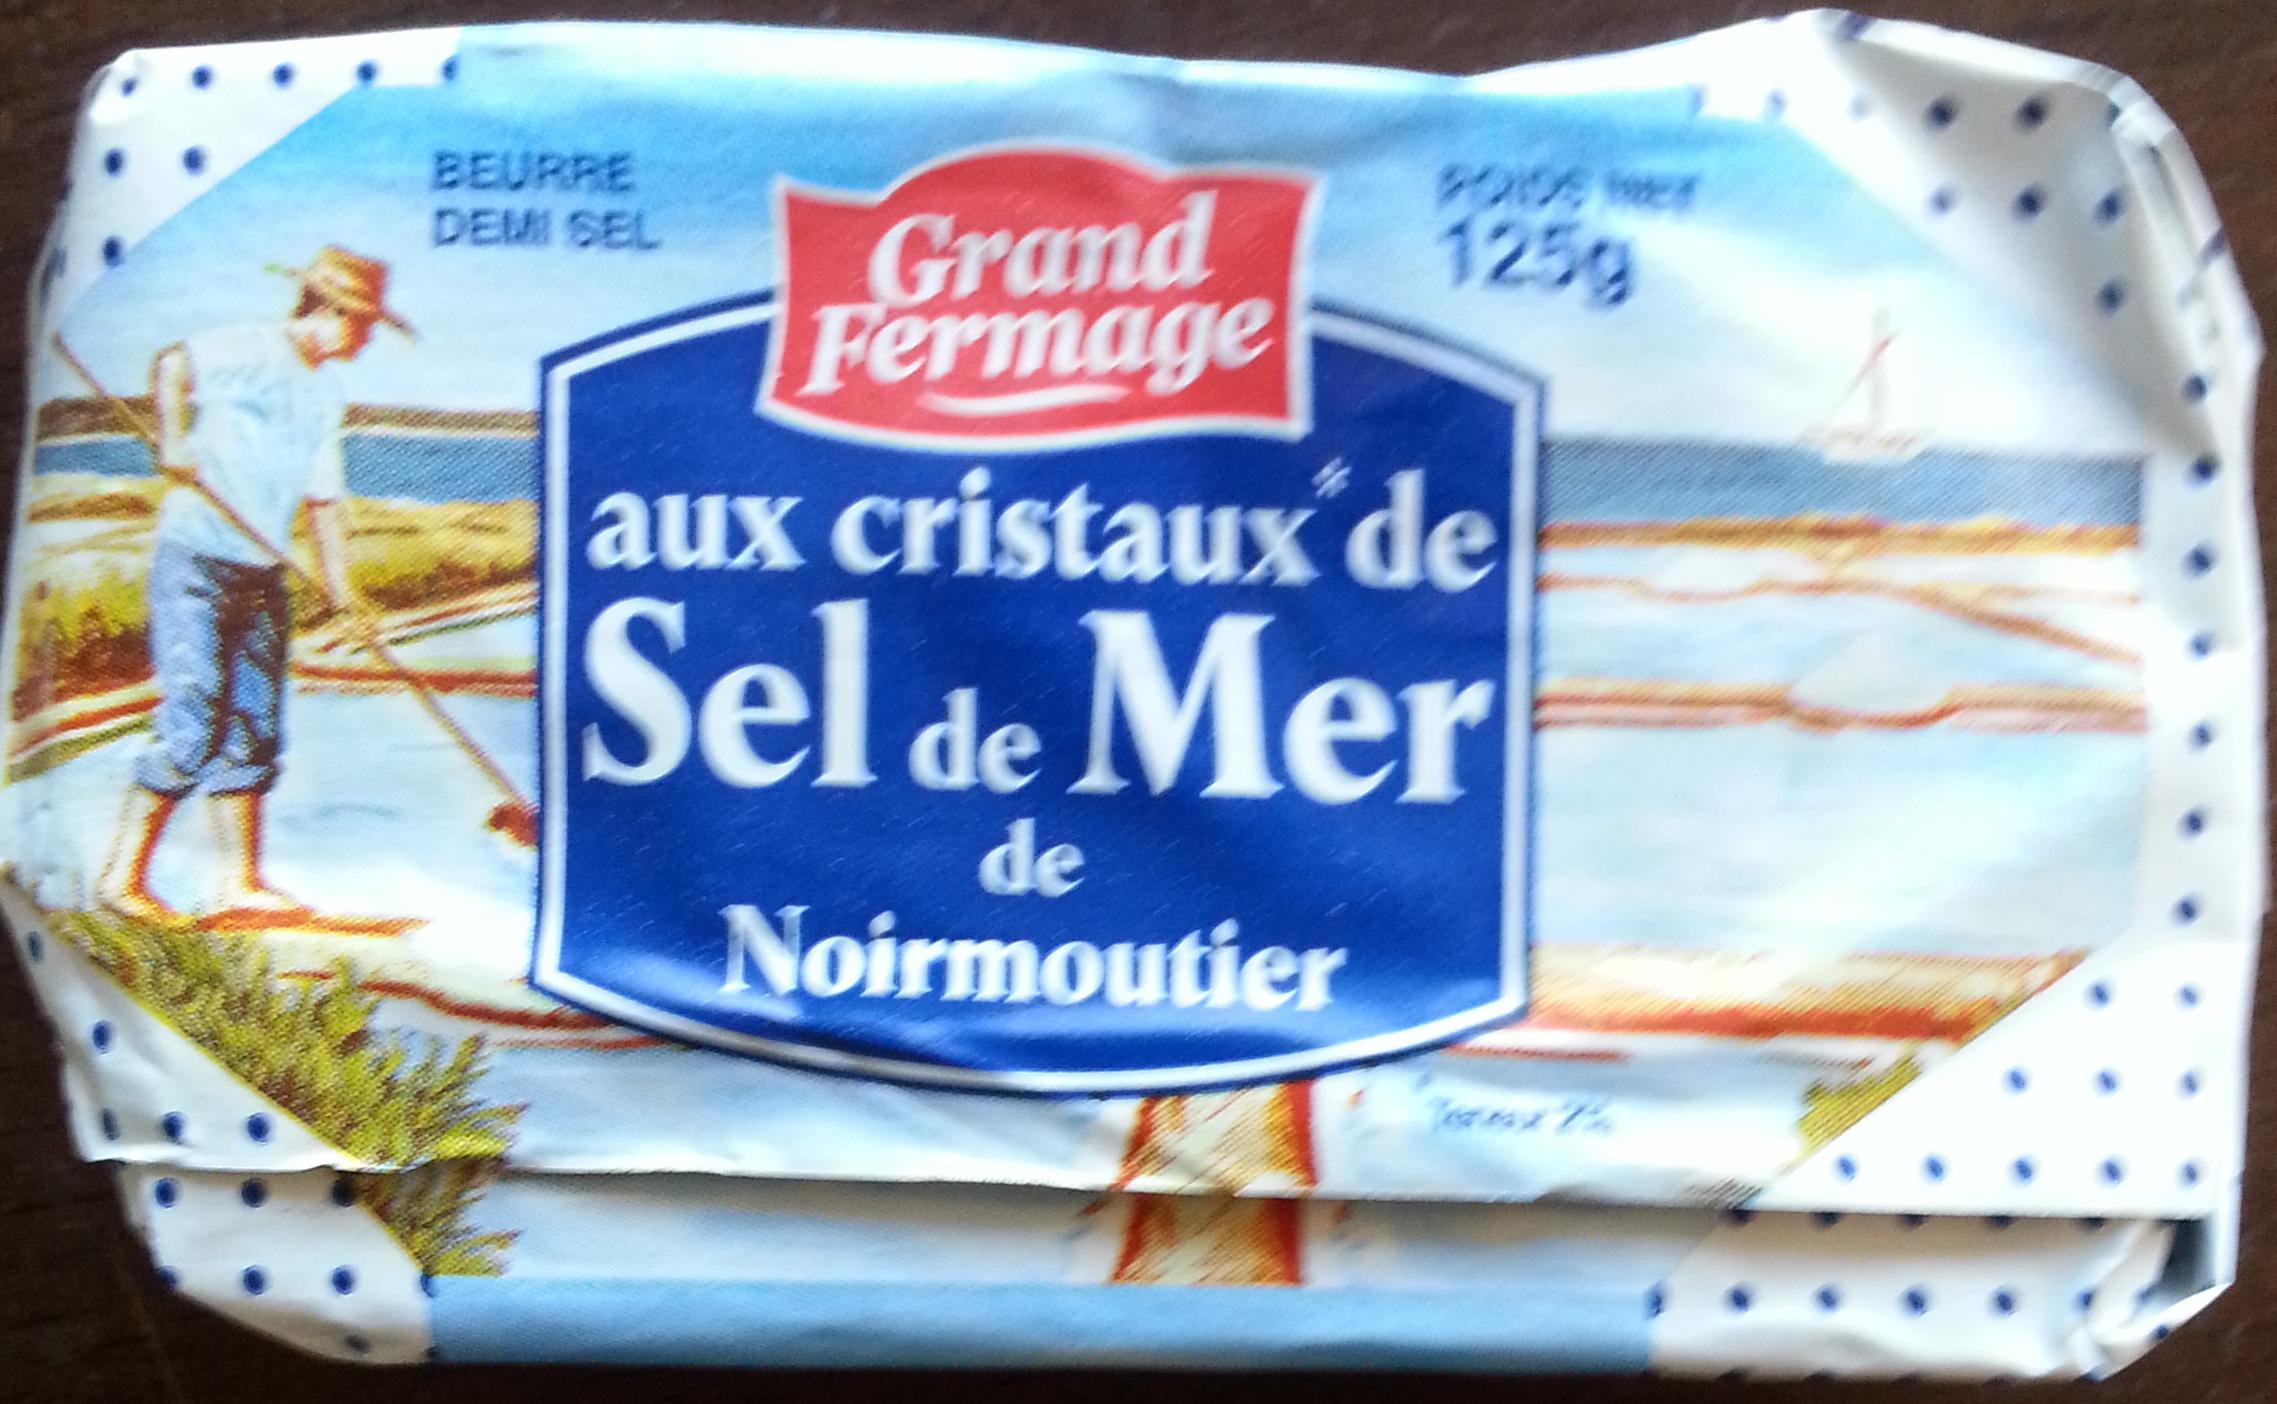 Beurre au Sel de mer de noirmoutier - Product